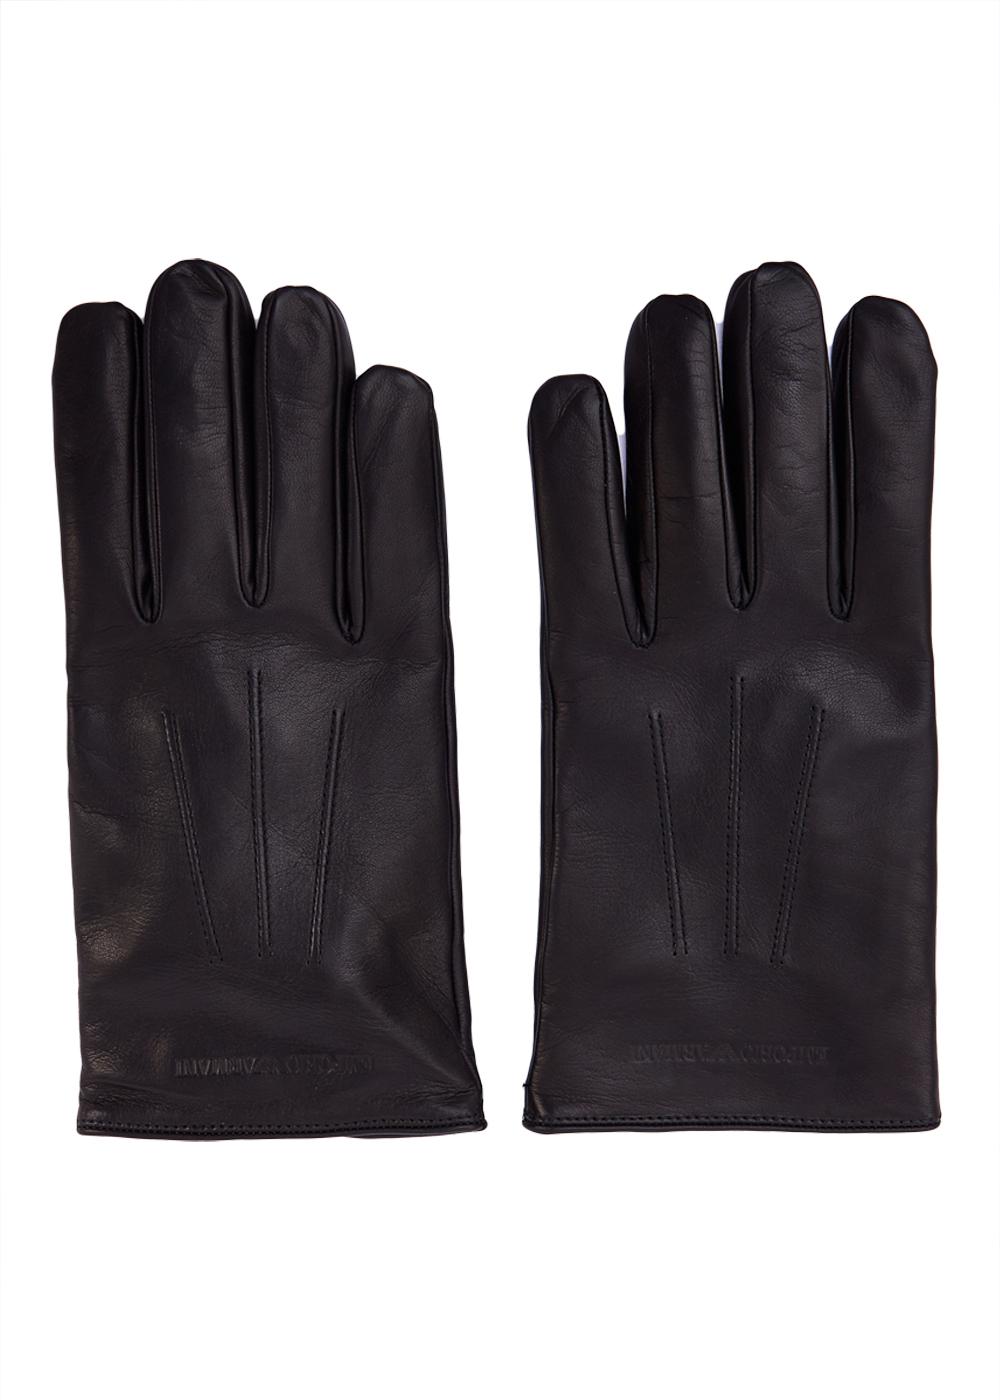 Купить со скидкой Emporio Armani перчатки